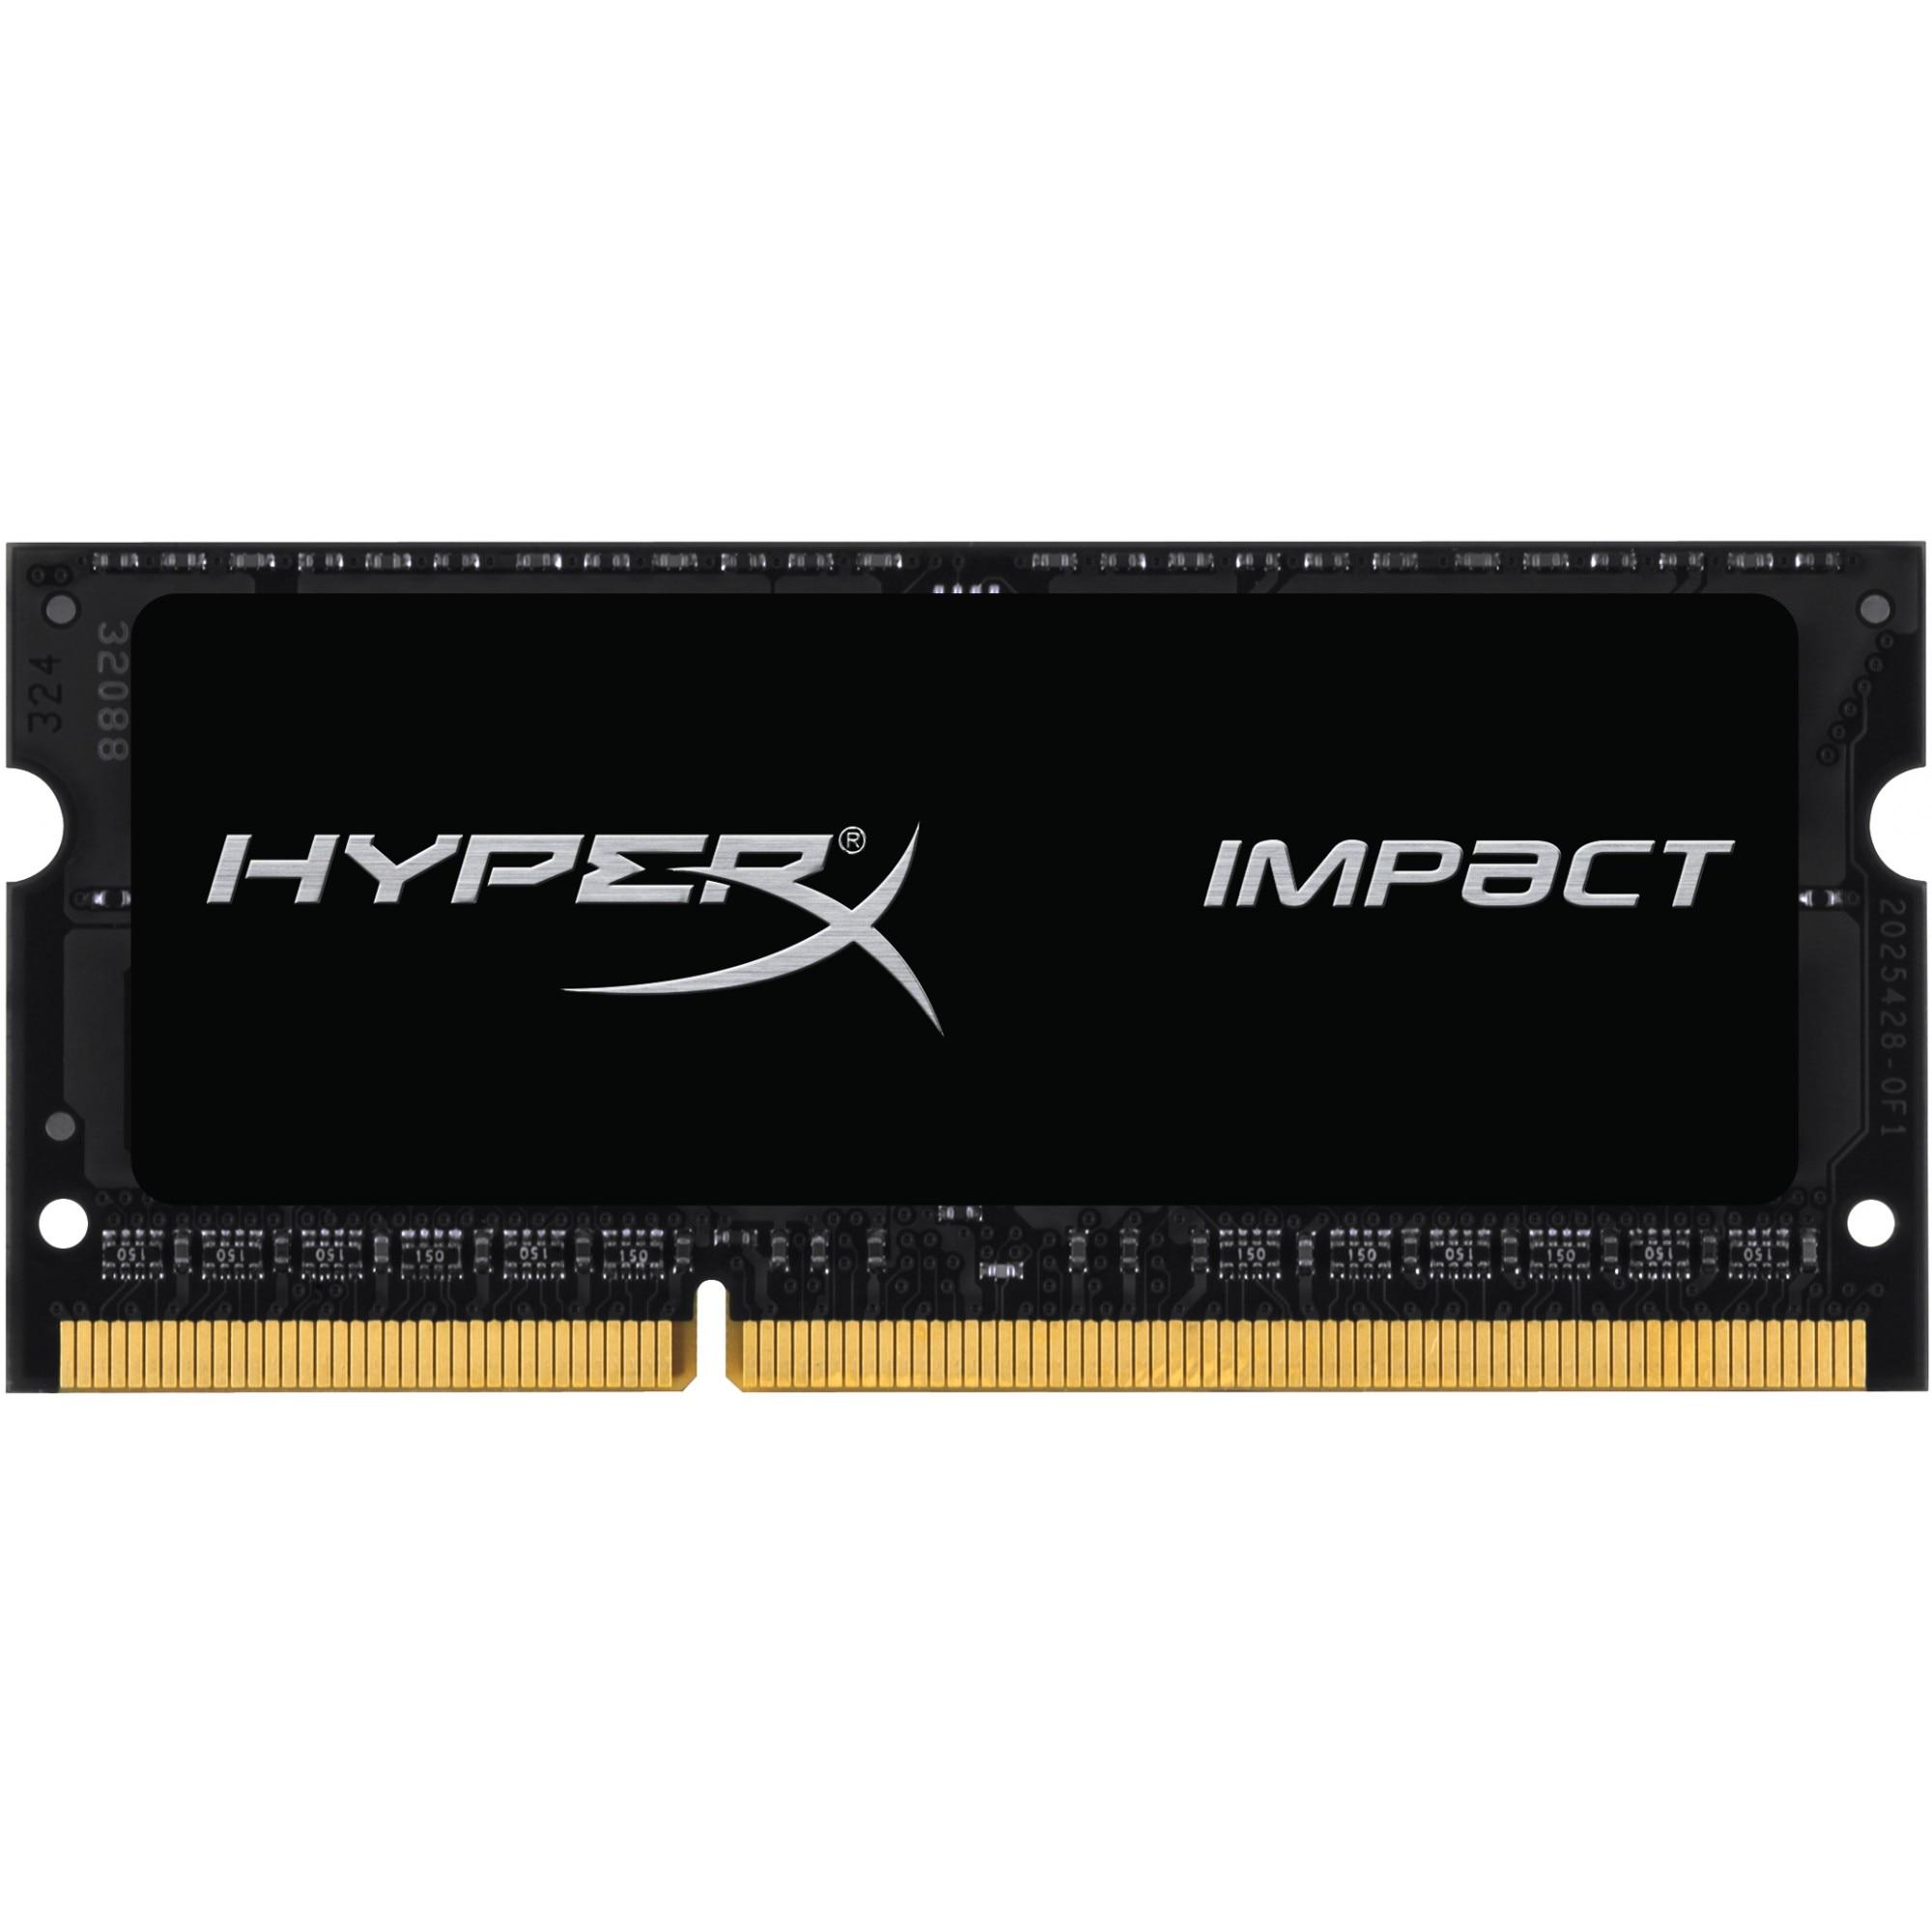 Fotografie Memorie Kingston HyperX Impact 8GB SODIMM, DDR3, 1600MHz, CL9, 1.35V